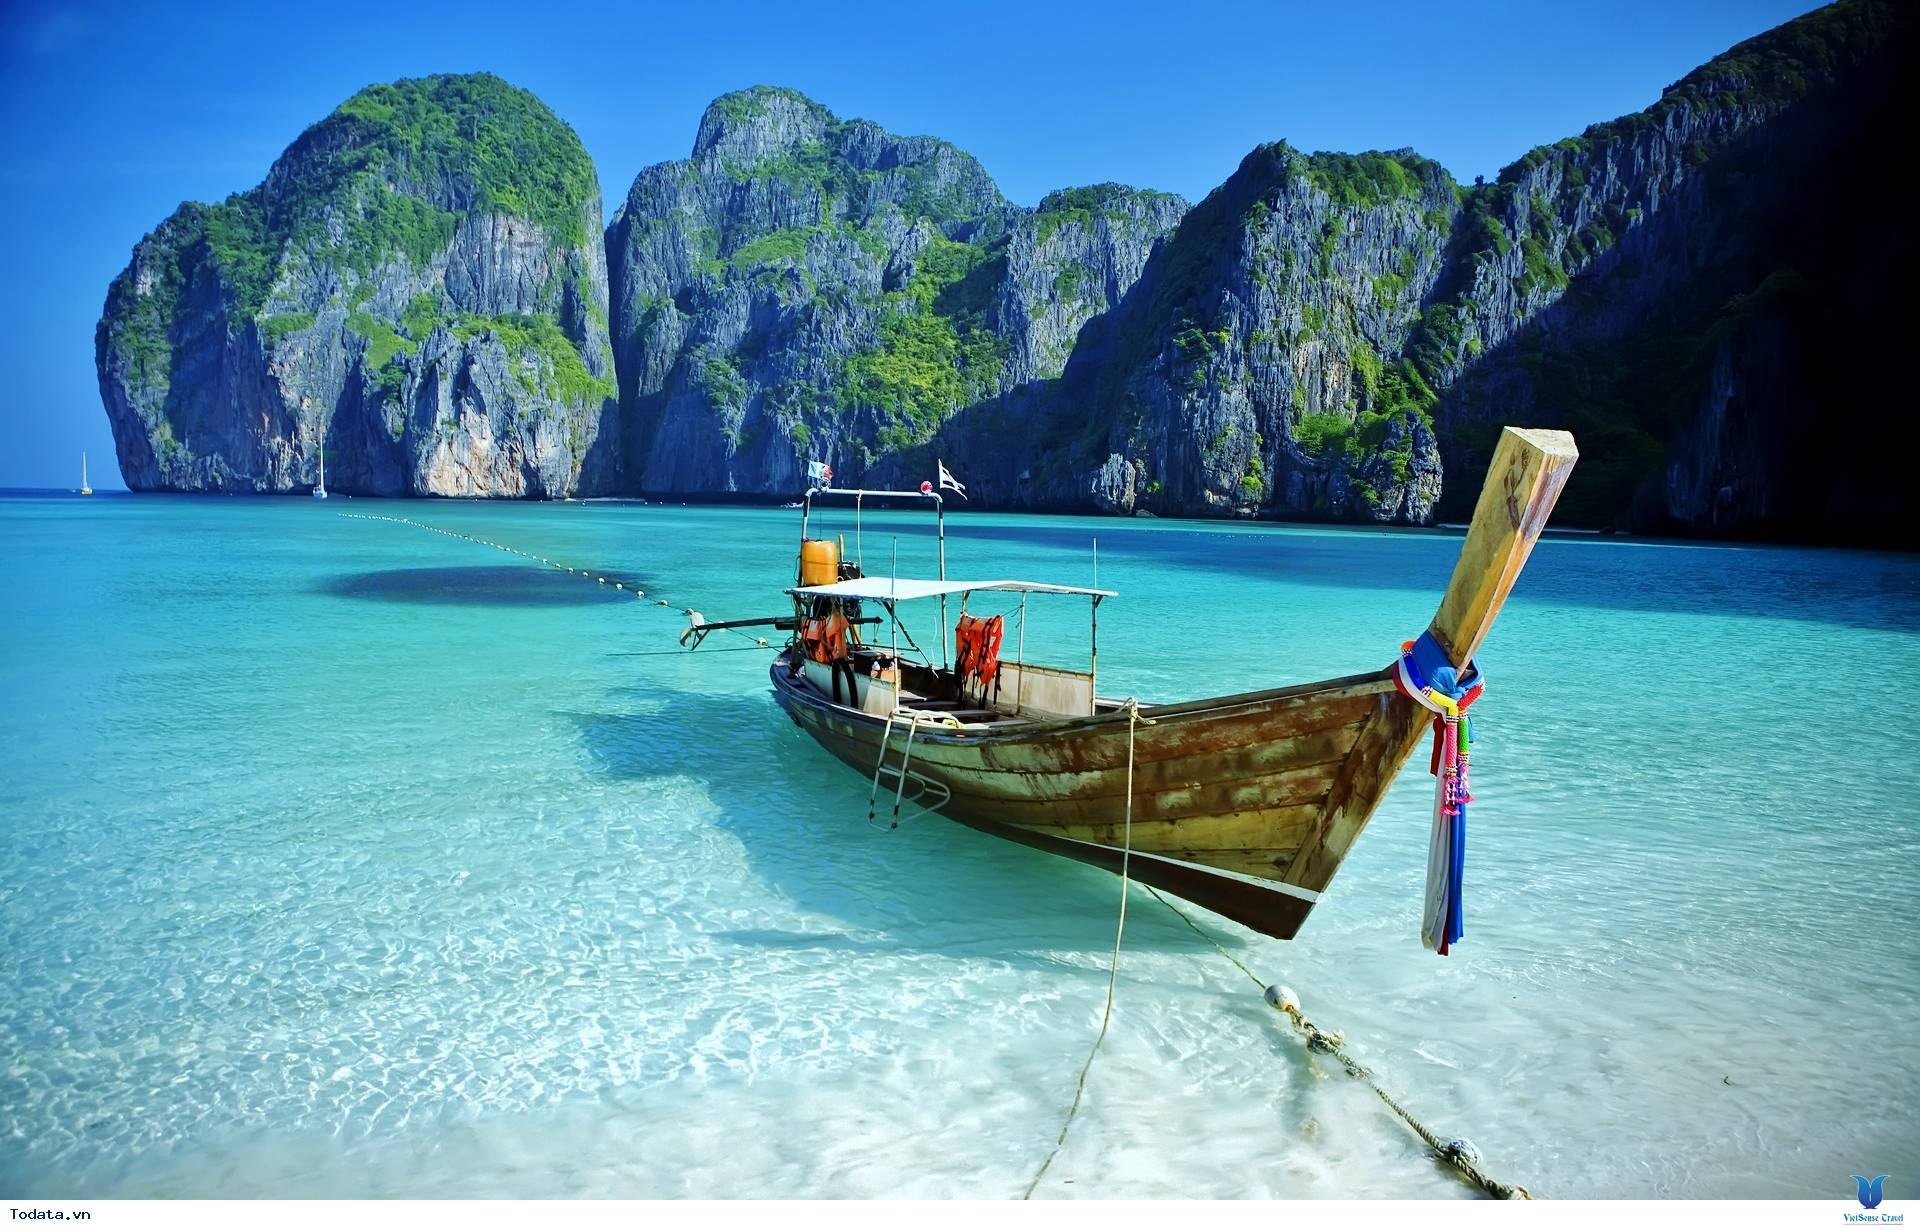 Nhanh tay ghi lại những địa điểm du lịch hot nhất Thái Lan